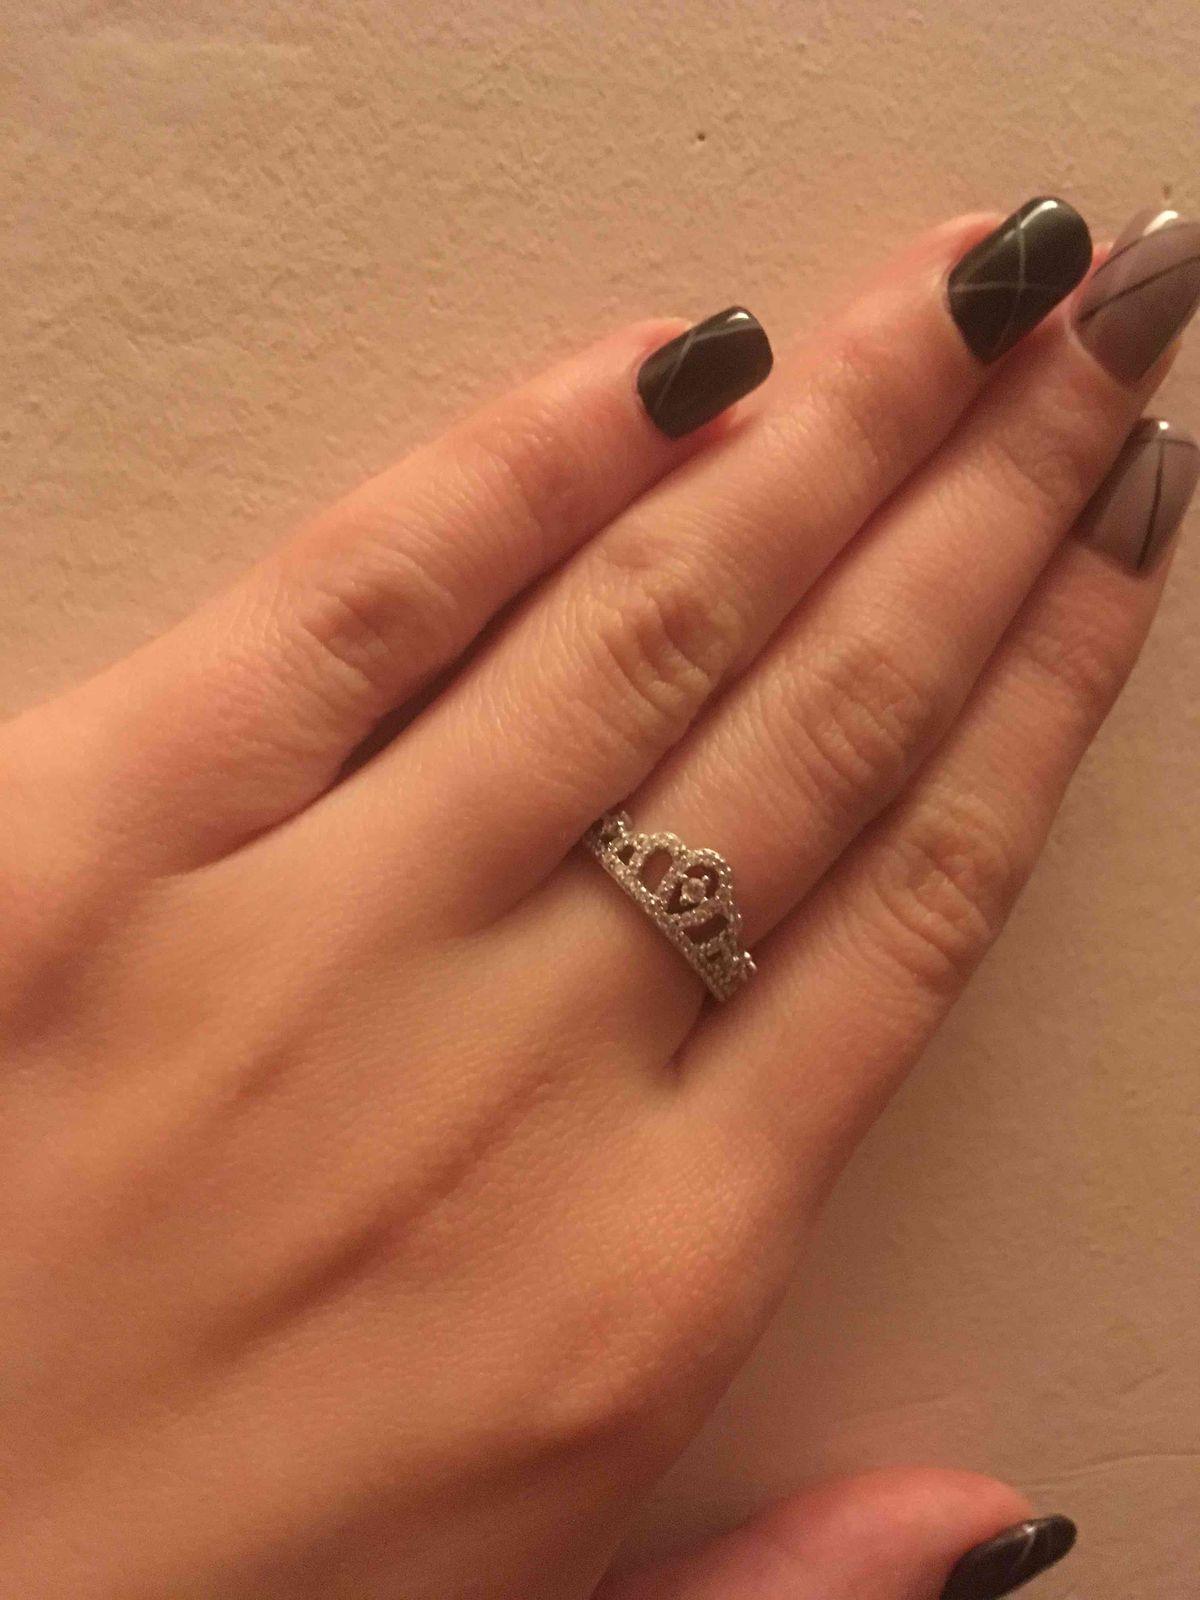 Замечательное кольцо в форме короны из серебра